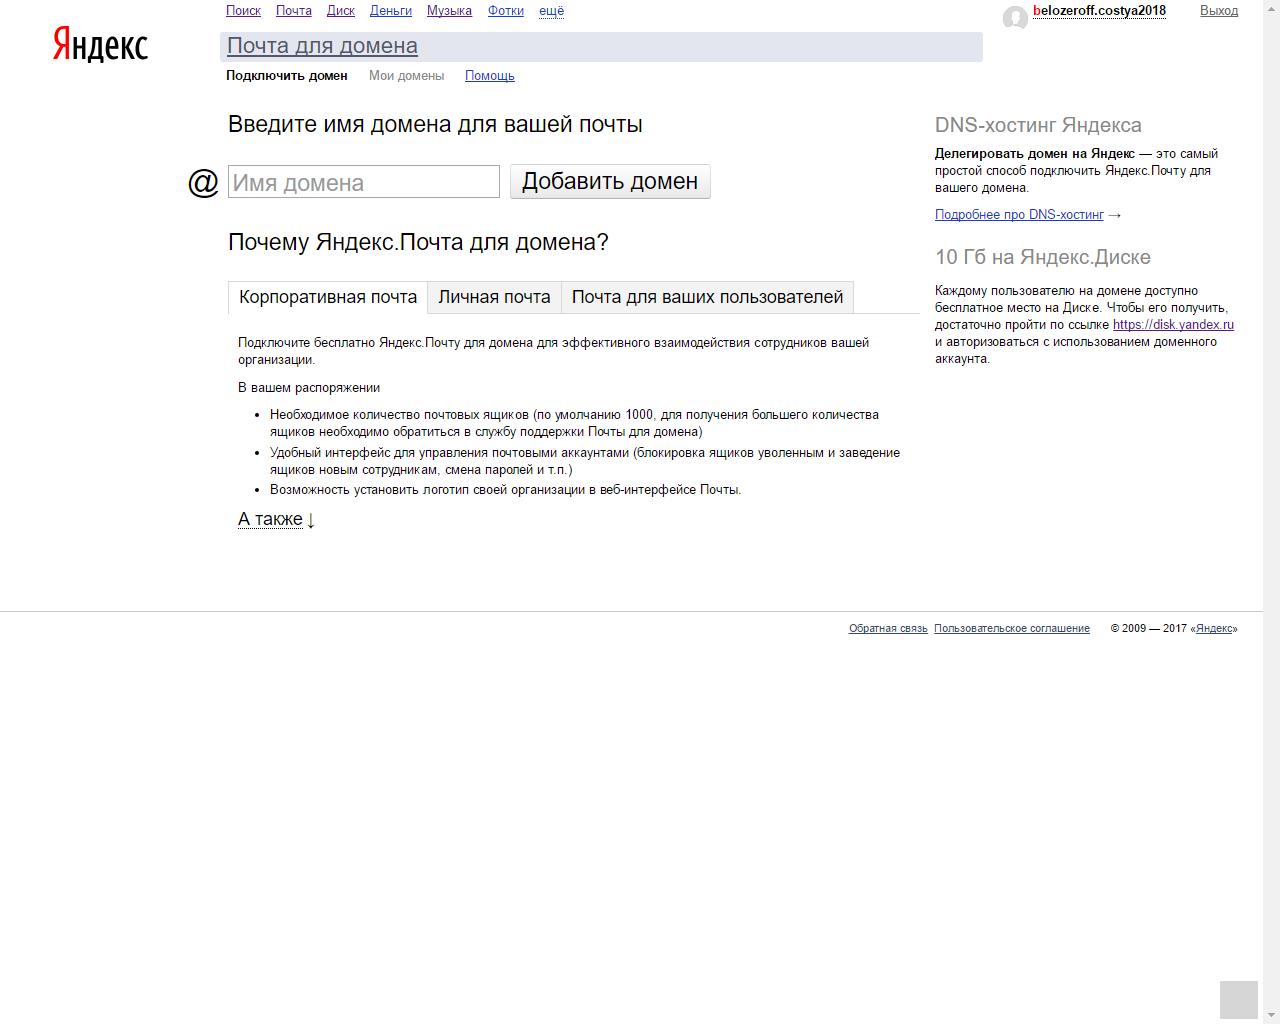 Добавление домена на Яндексе